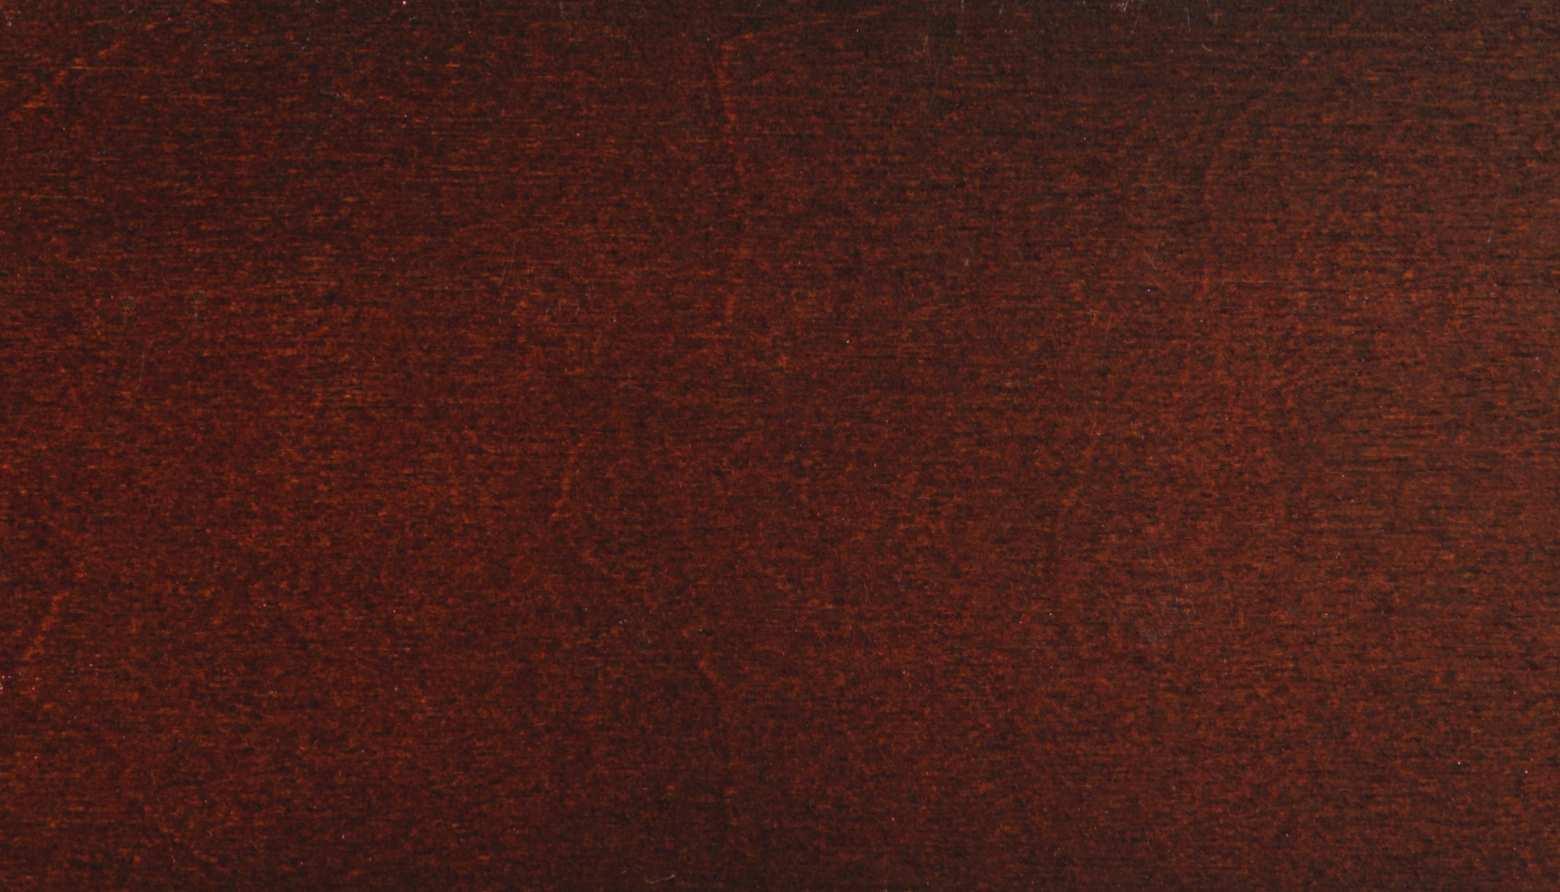 culoarea lemnului - cires antic, pentru picioare si polite laptop